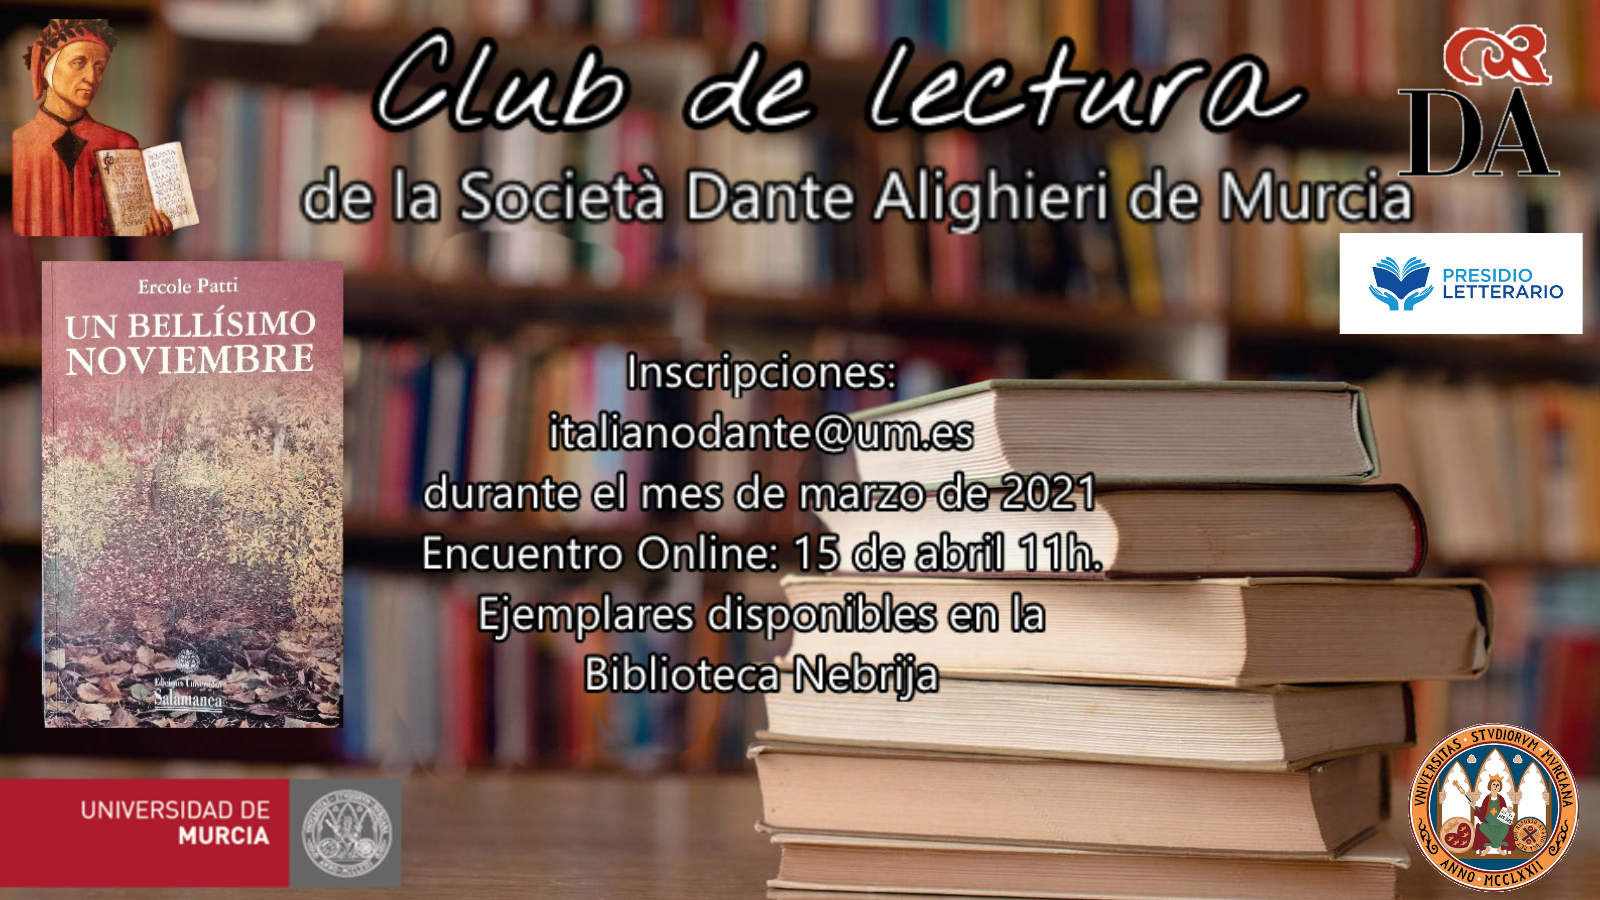 Cartel Club lectura D.A